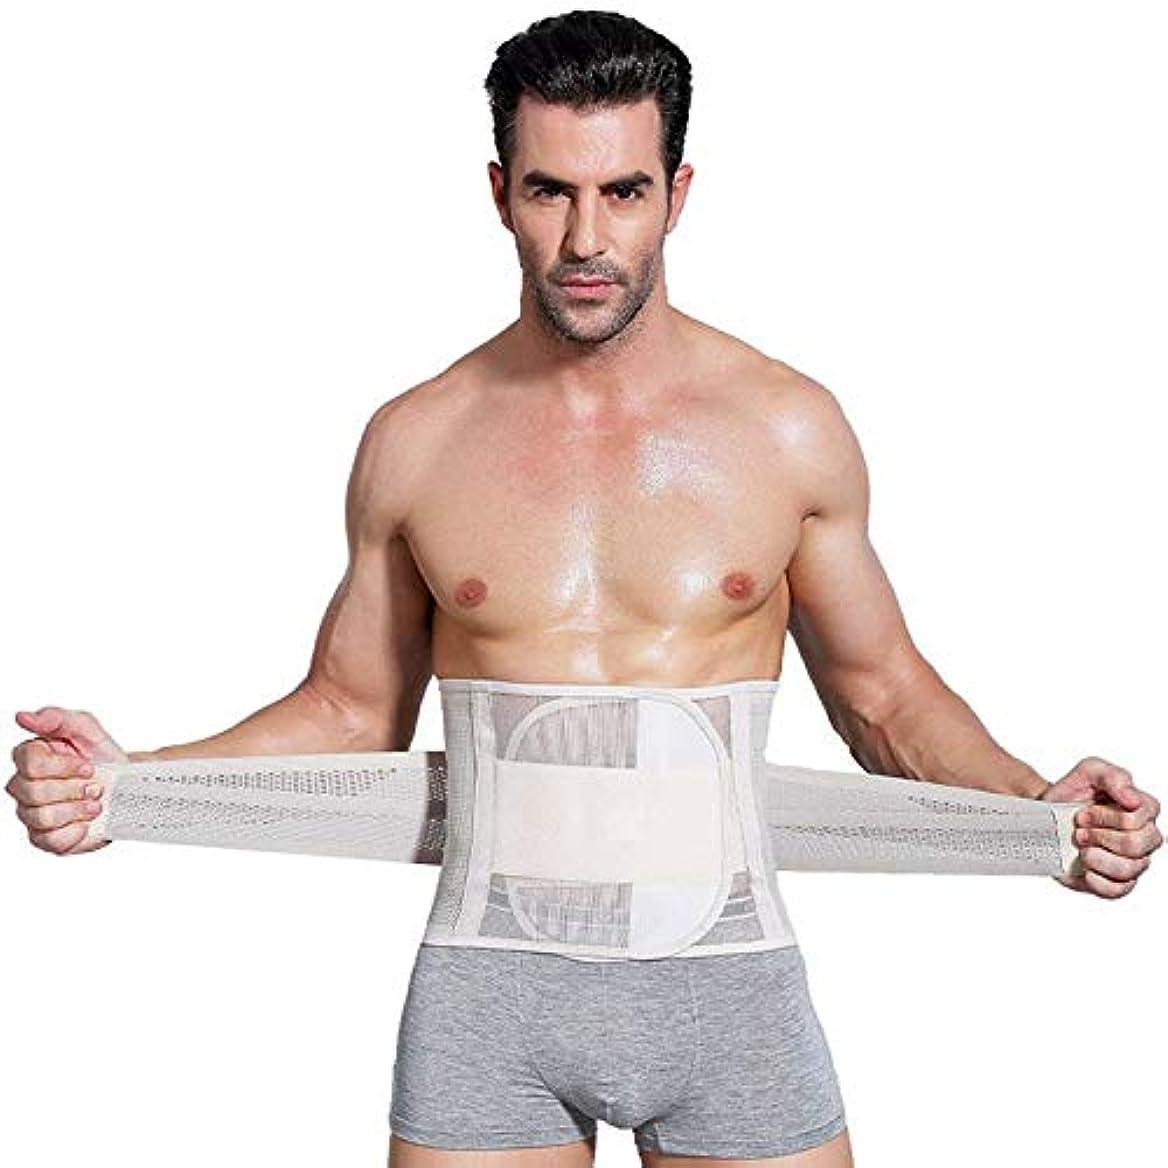 仮説思慮深いキャメル男性ボディシェイパーコルセット腹部おなかコントロールウエストトレーナーニッパー脂肪燃焼ガードル痩身腹ベルト用男性 - 肌色XL